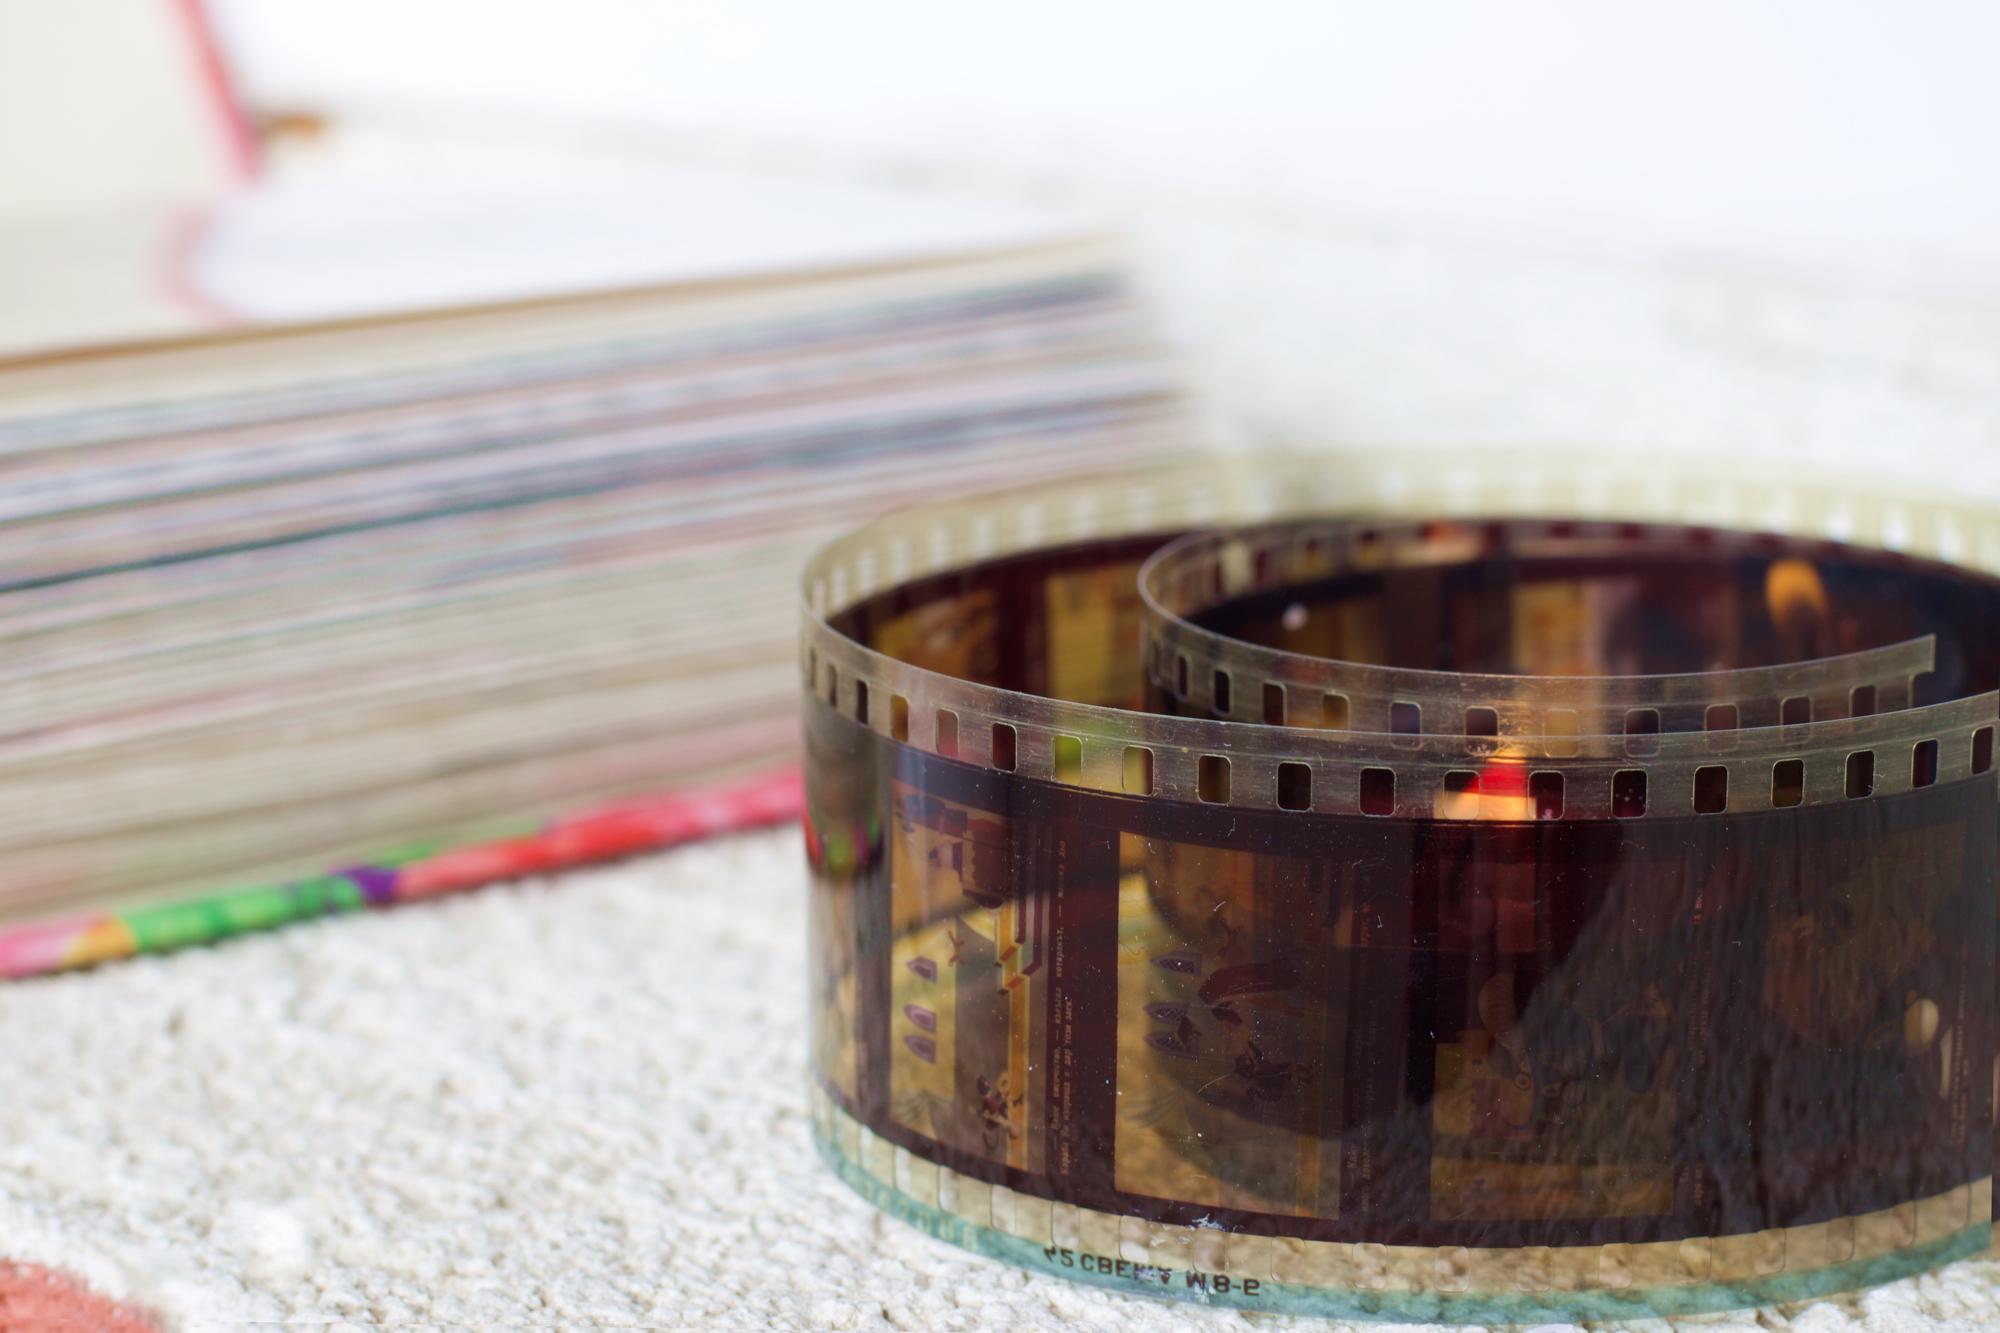 Фотографска равносметка – разчистване на харда със снимки, път към минималистично снимане